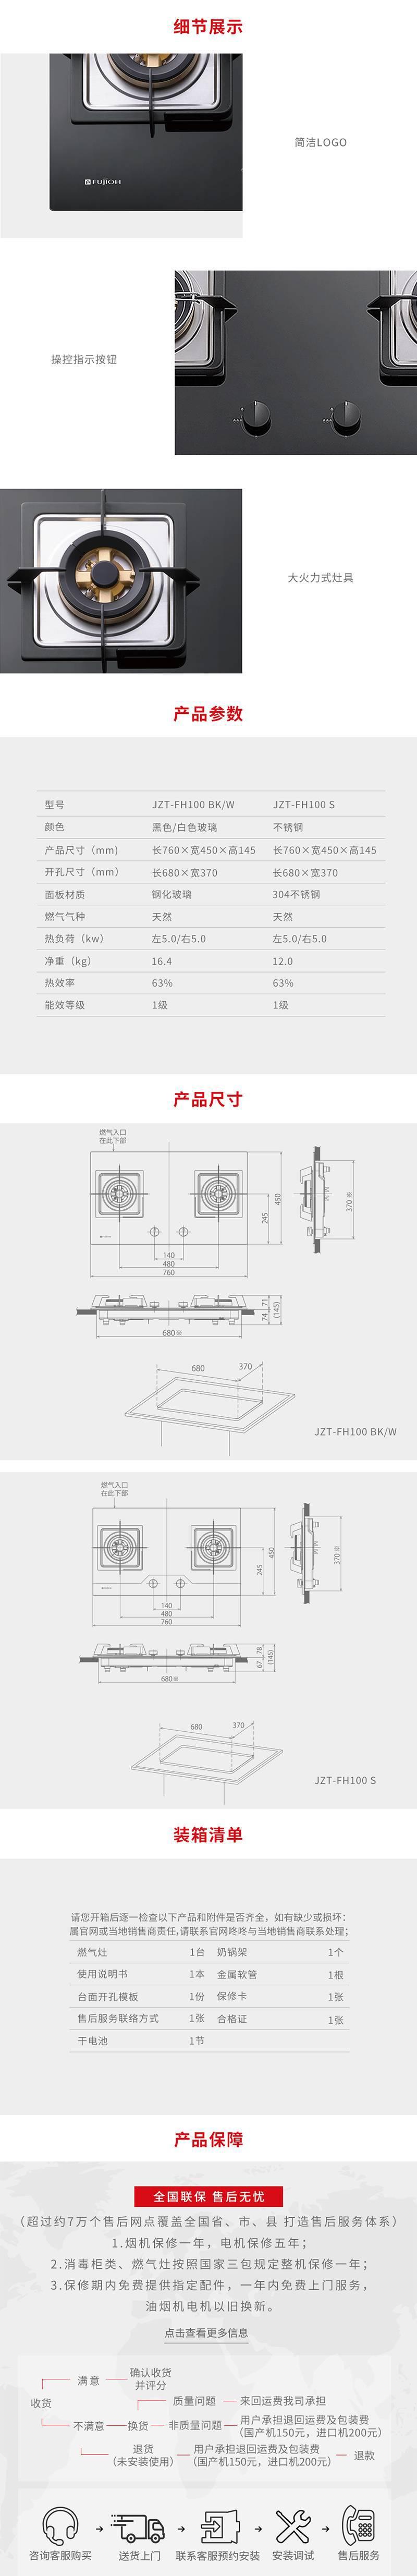 水鹿卫浴-厨房-油烟机-富士帝(FUJIOH)燃气灶JZT-FH100